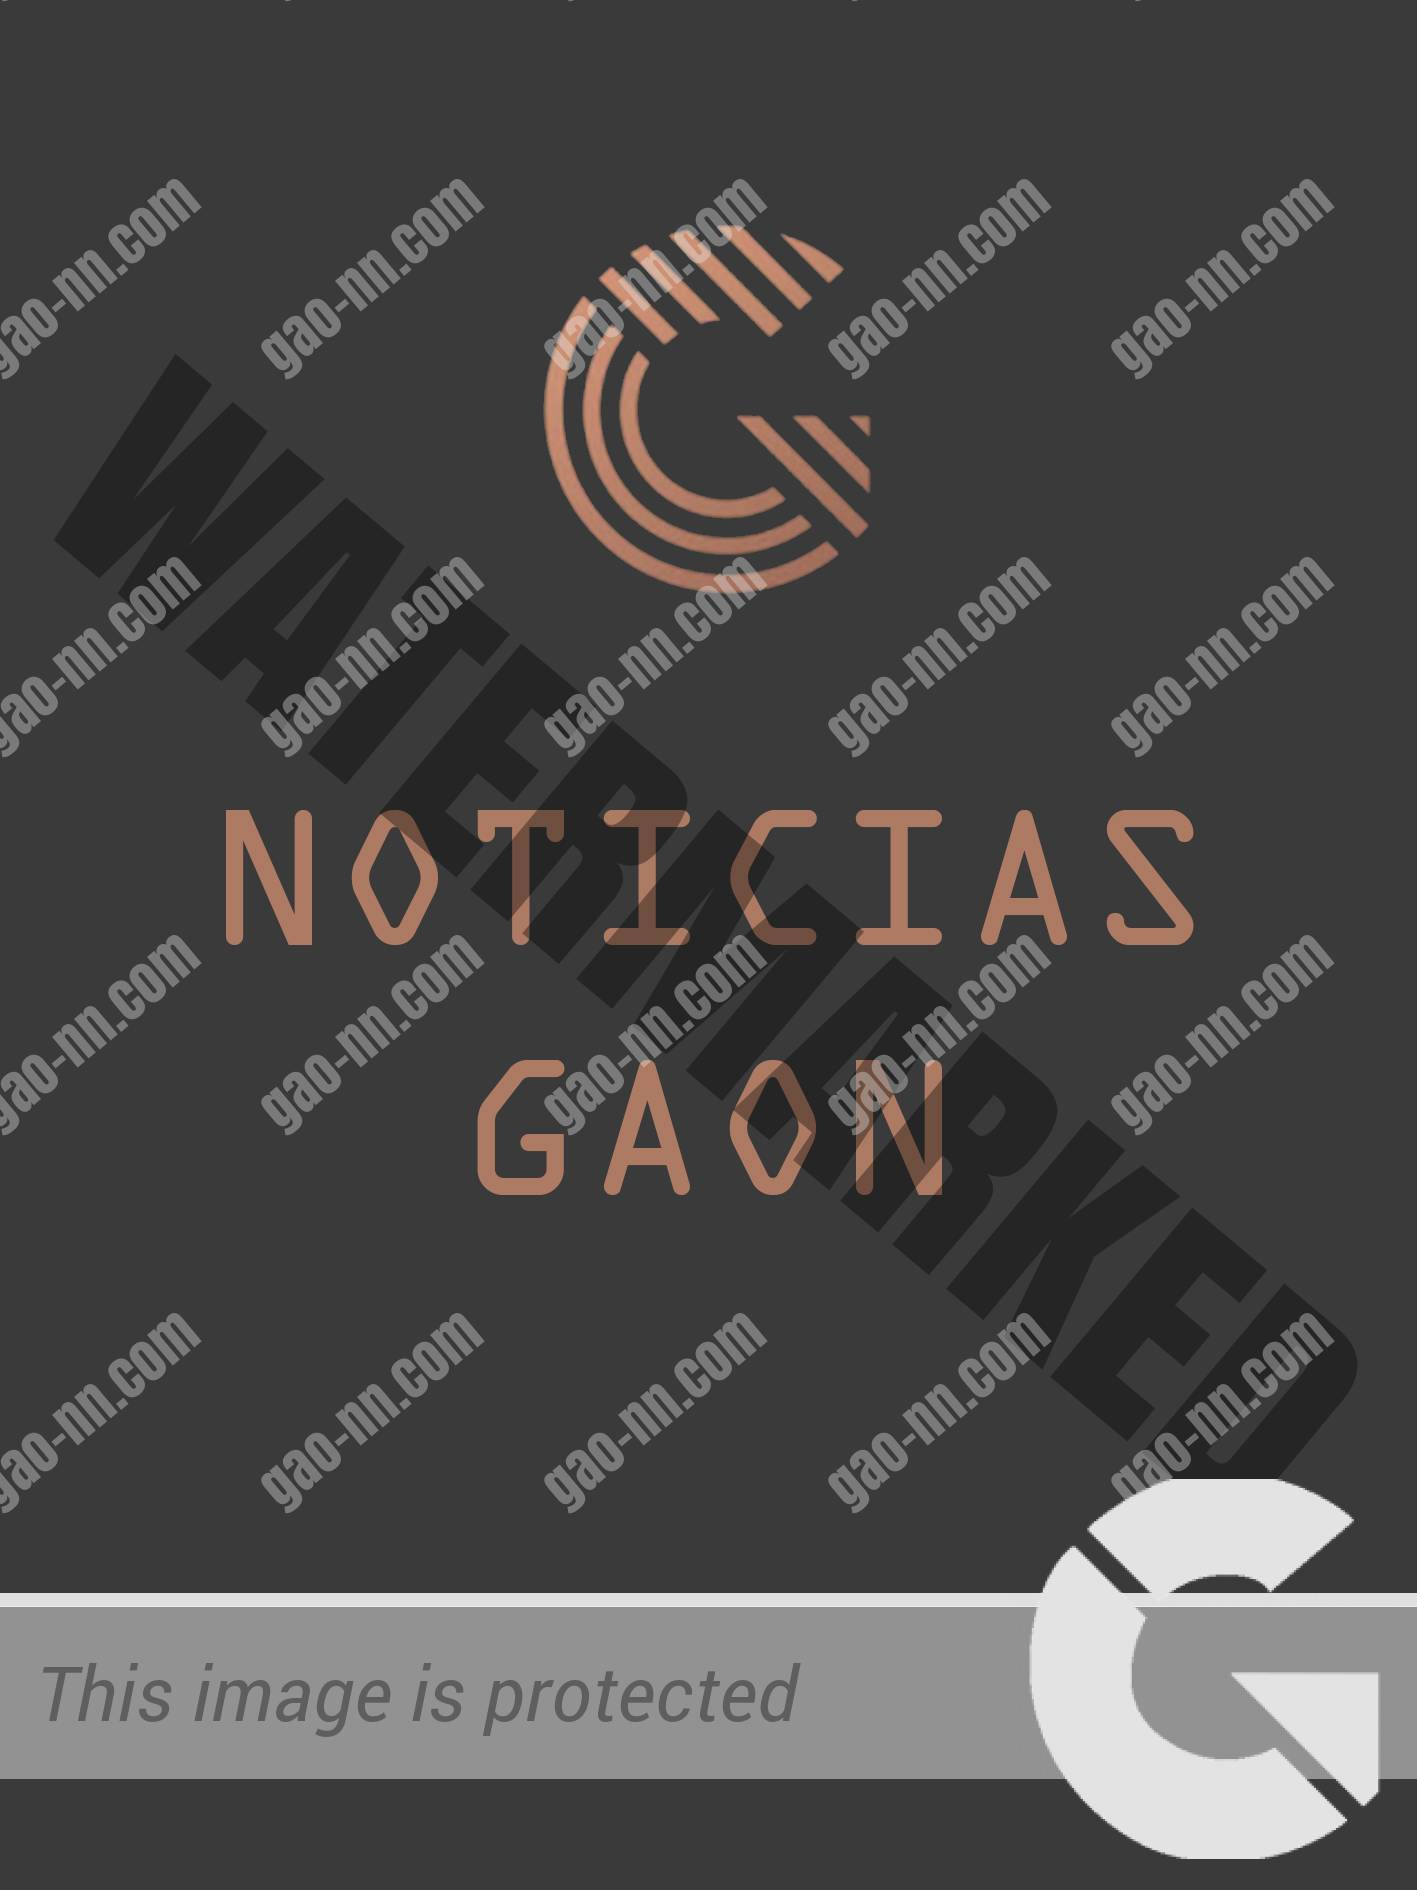 noticias-gaon.jpg